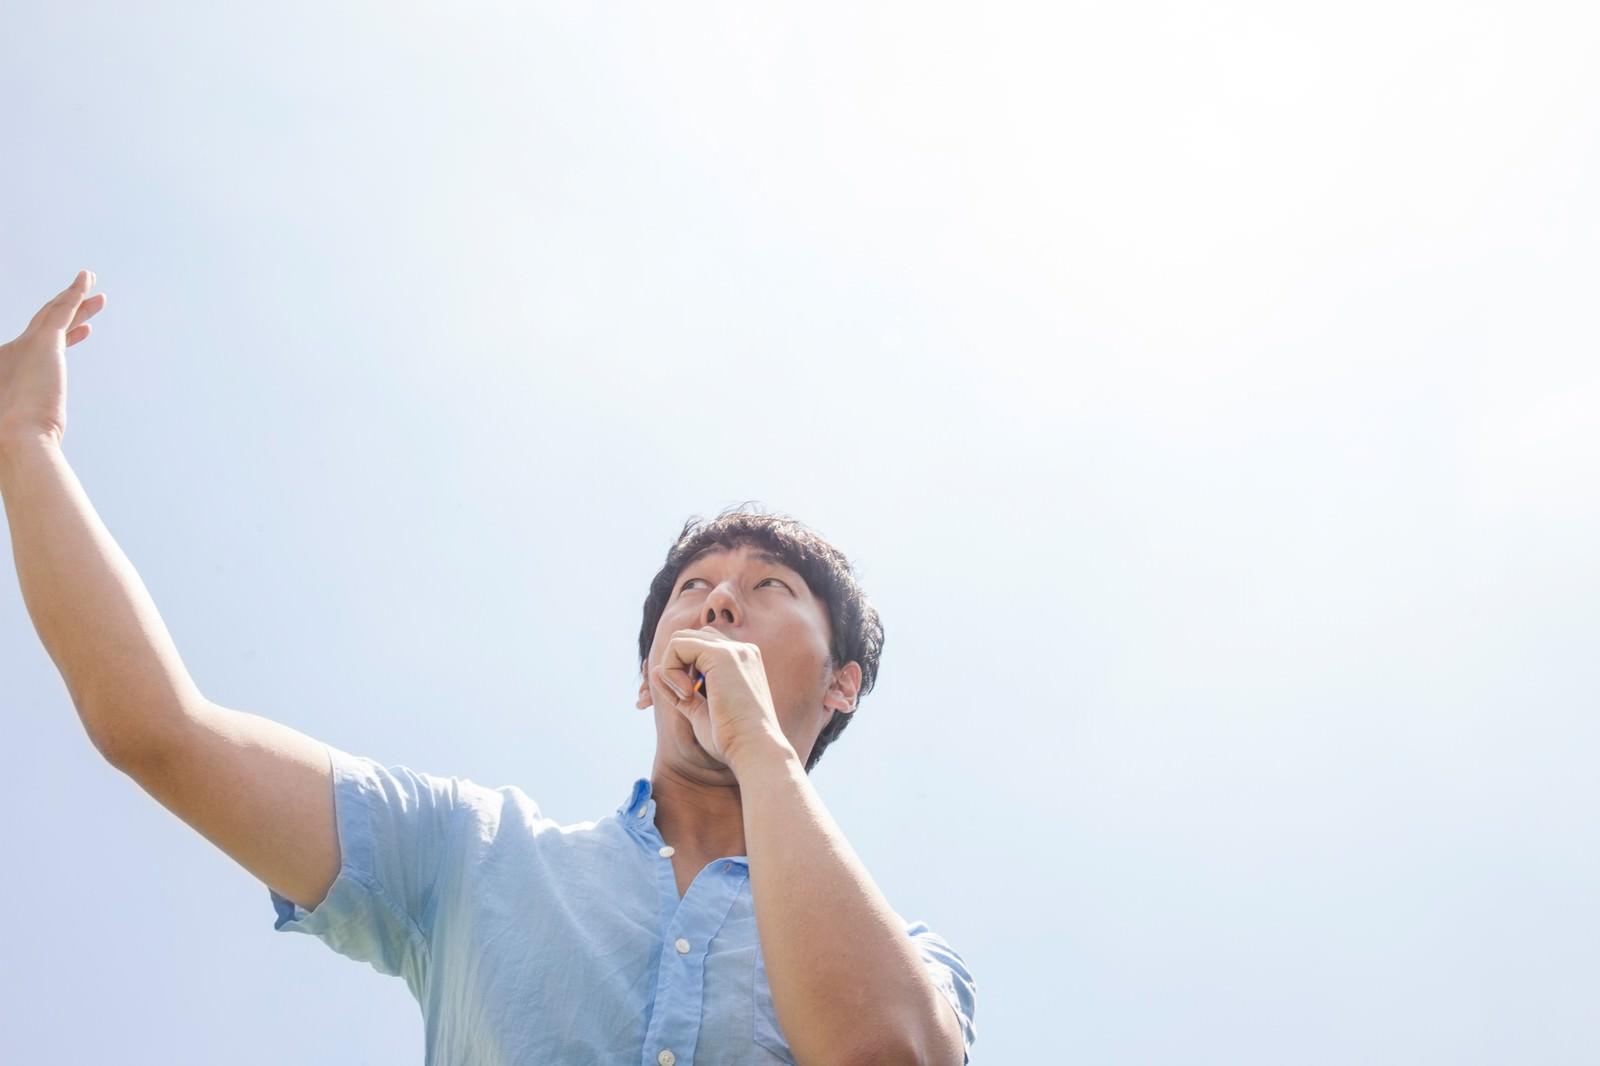 「夏フェスでプチョヘンザップ!」の写真[モデル:大川竜弥]